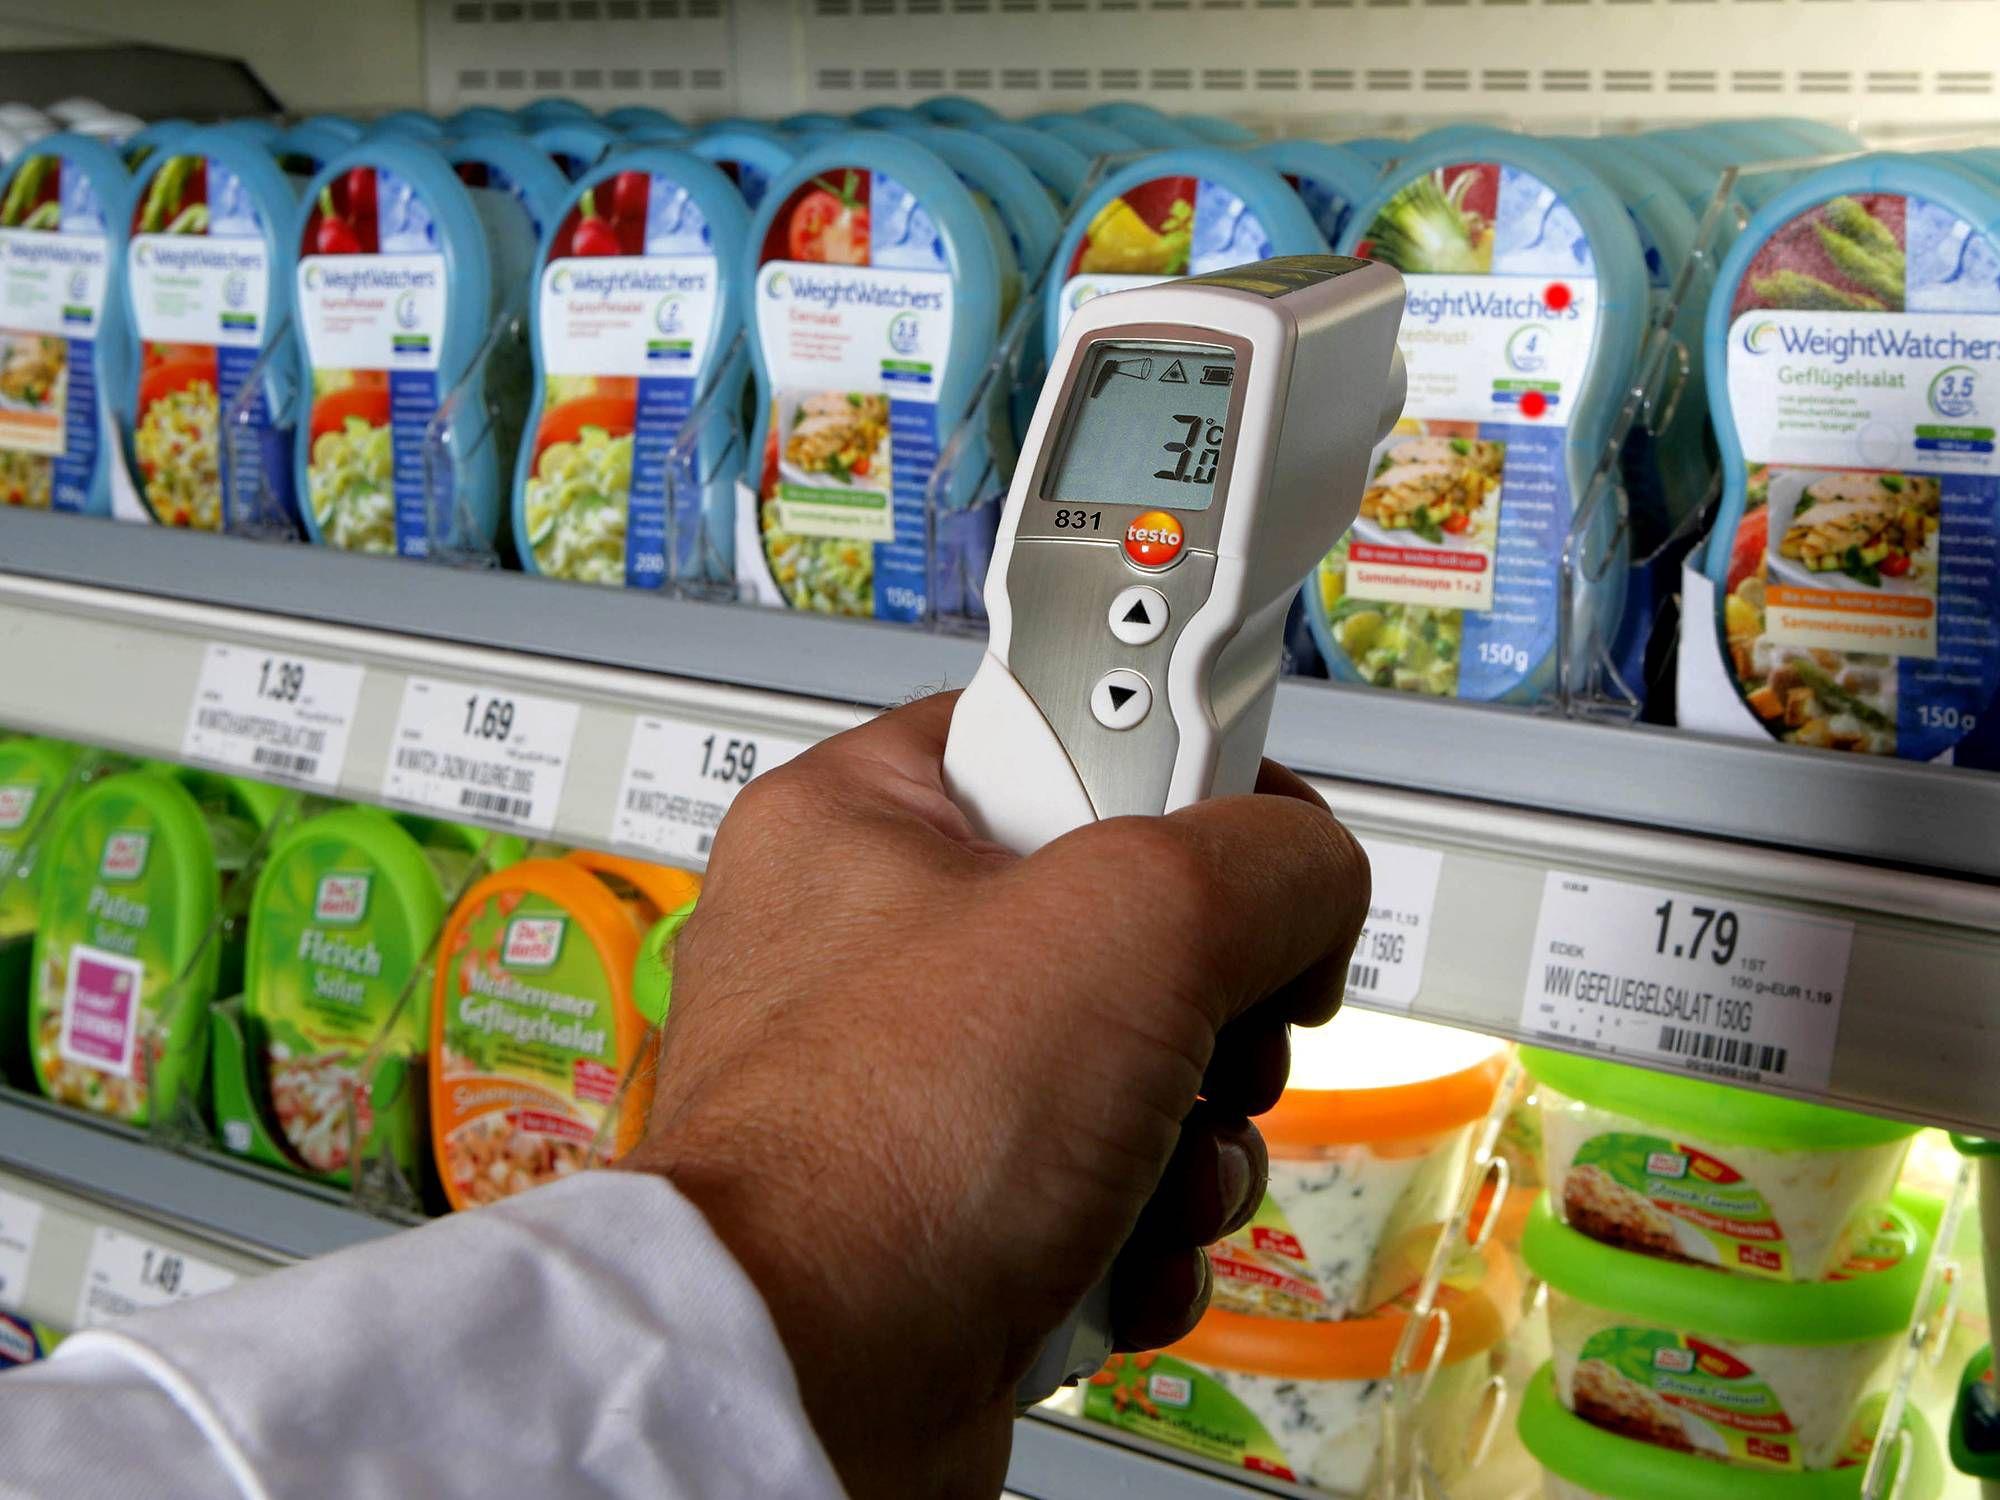 德图仪器的红外测温仪对进货产品进行非接触式测量